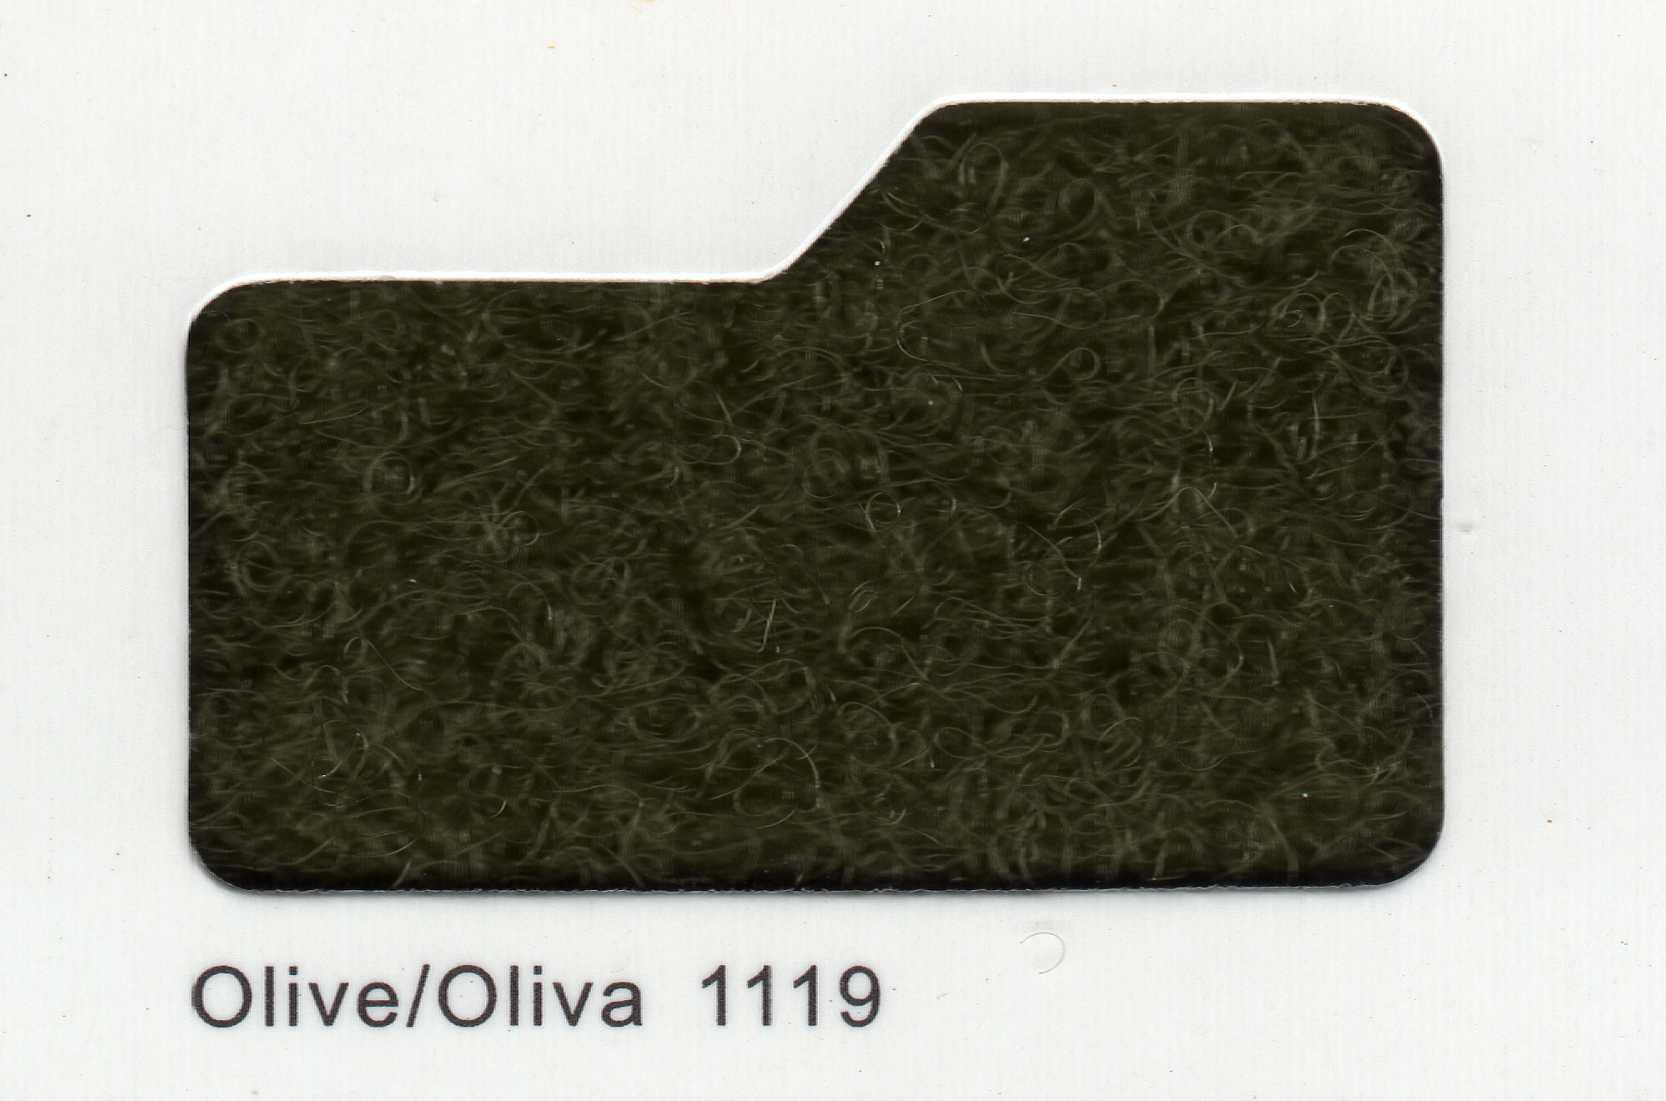 Cinta de cierre Velcro-Veraco 20mm Oliva 1119 (Gancho).